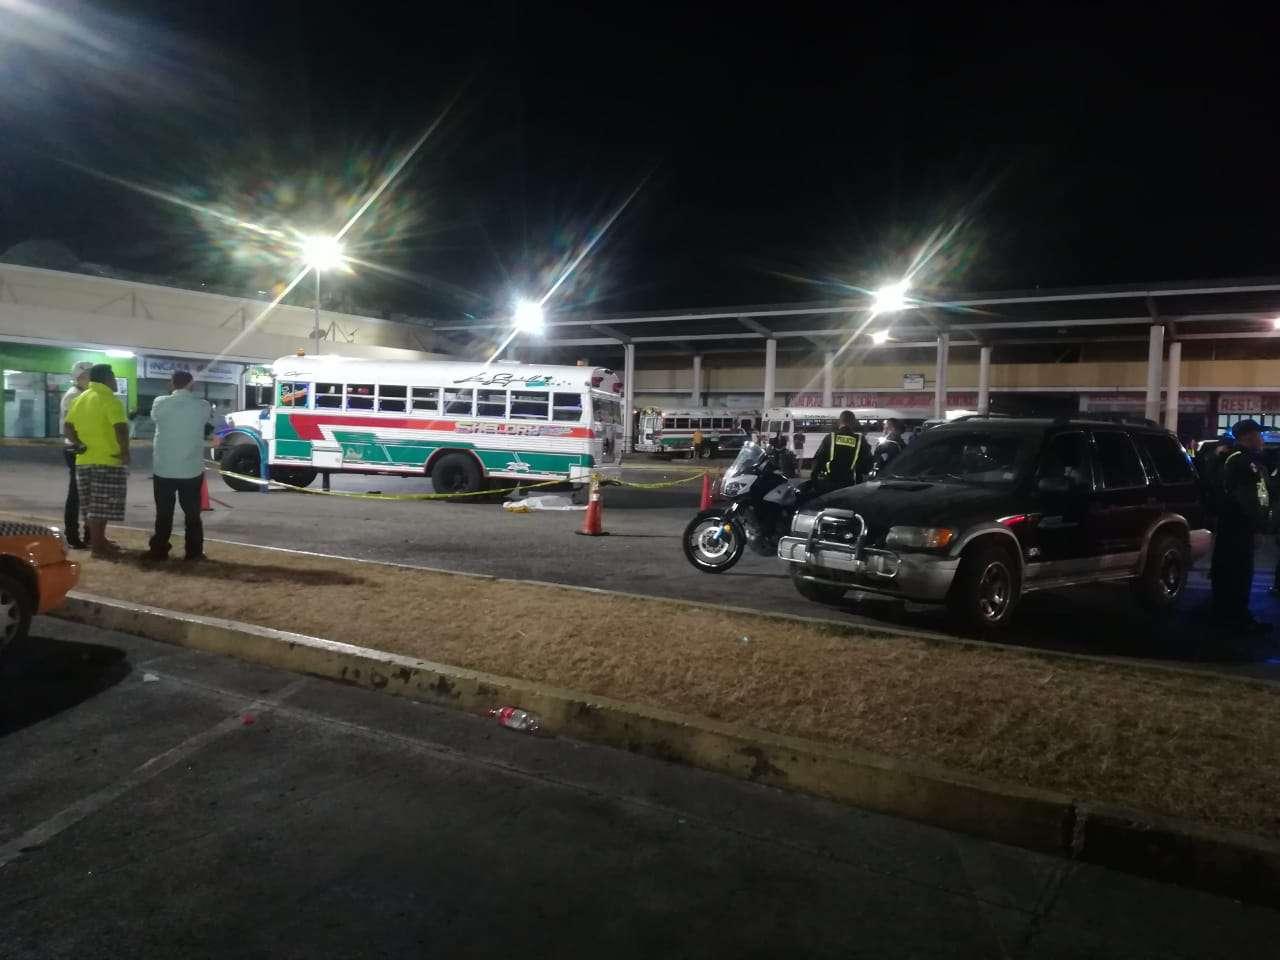 Vista del lugar del accidente. Foto: Jorge Luis Barría